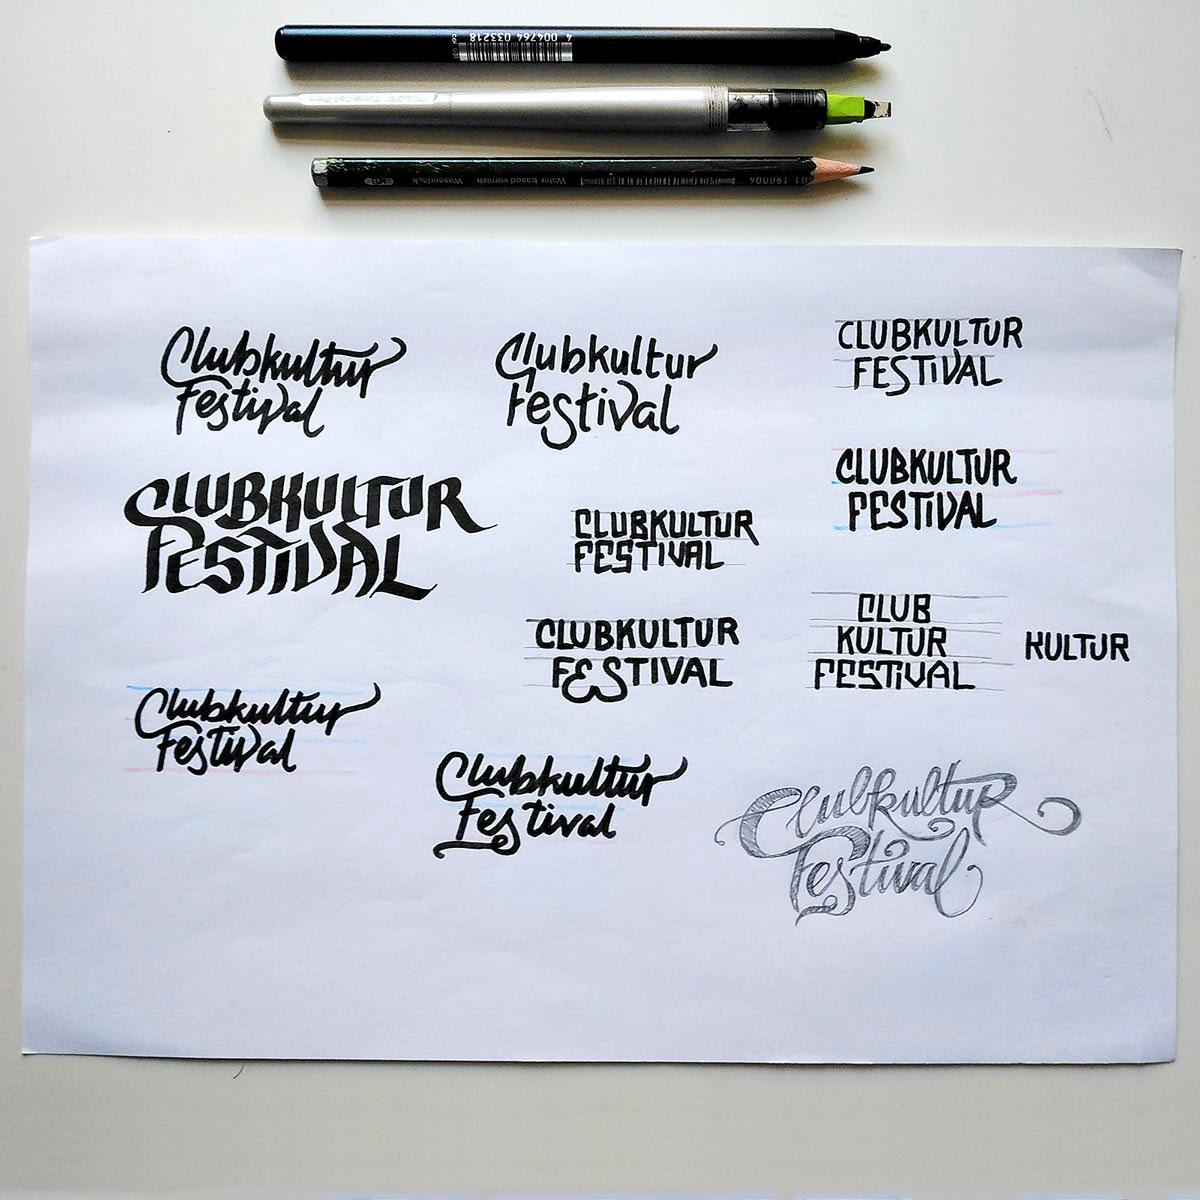 Skizzen des Begriff Clubkultur Festival auf einem Blatt